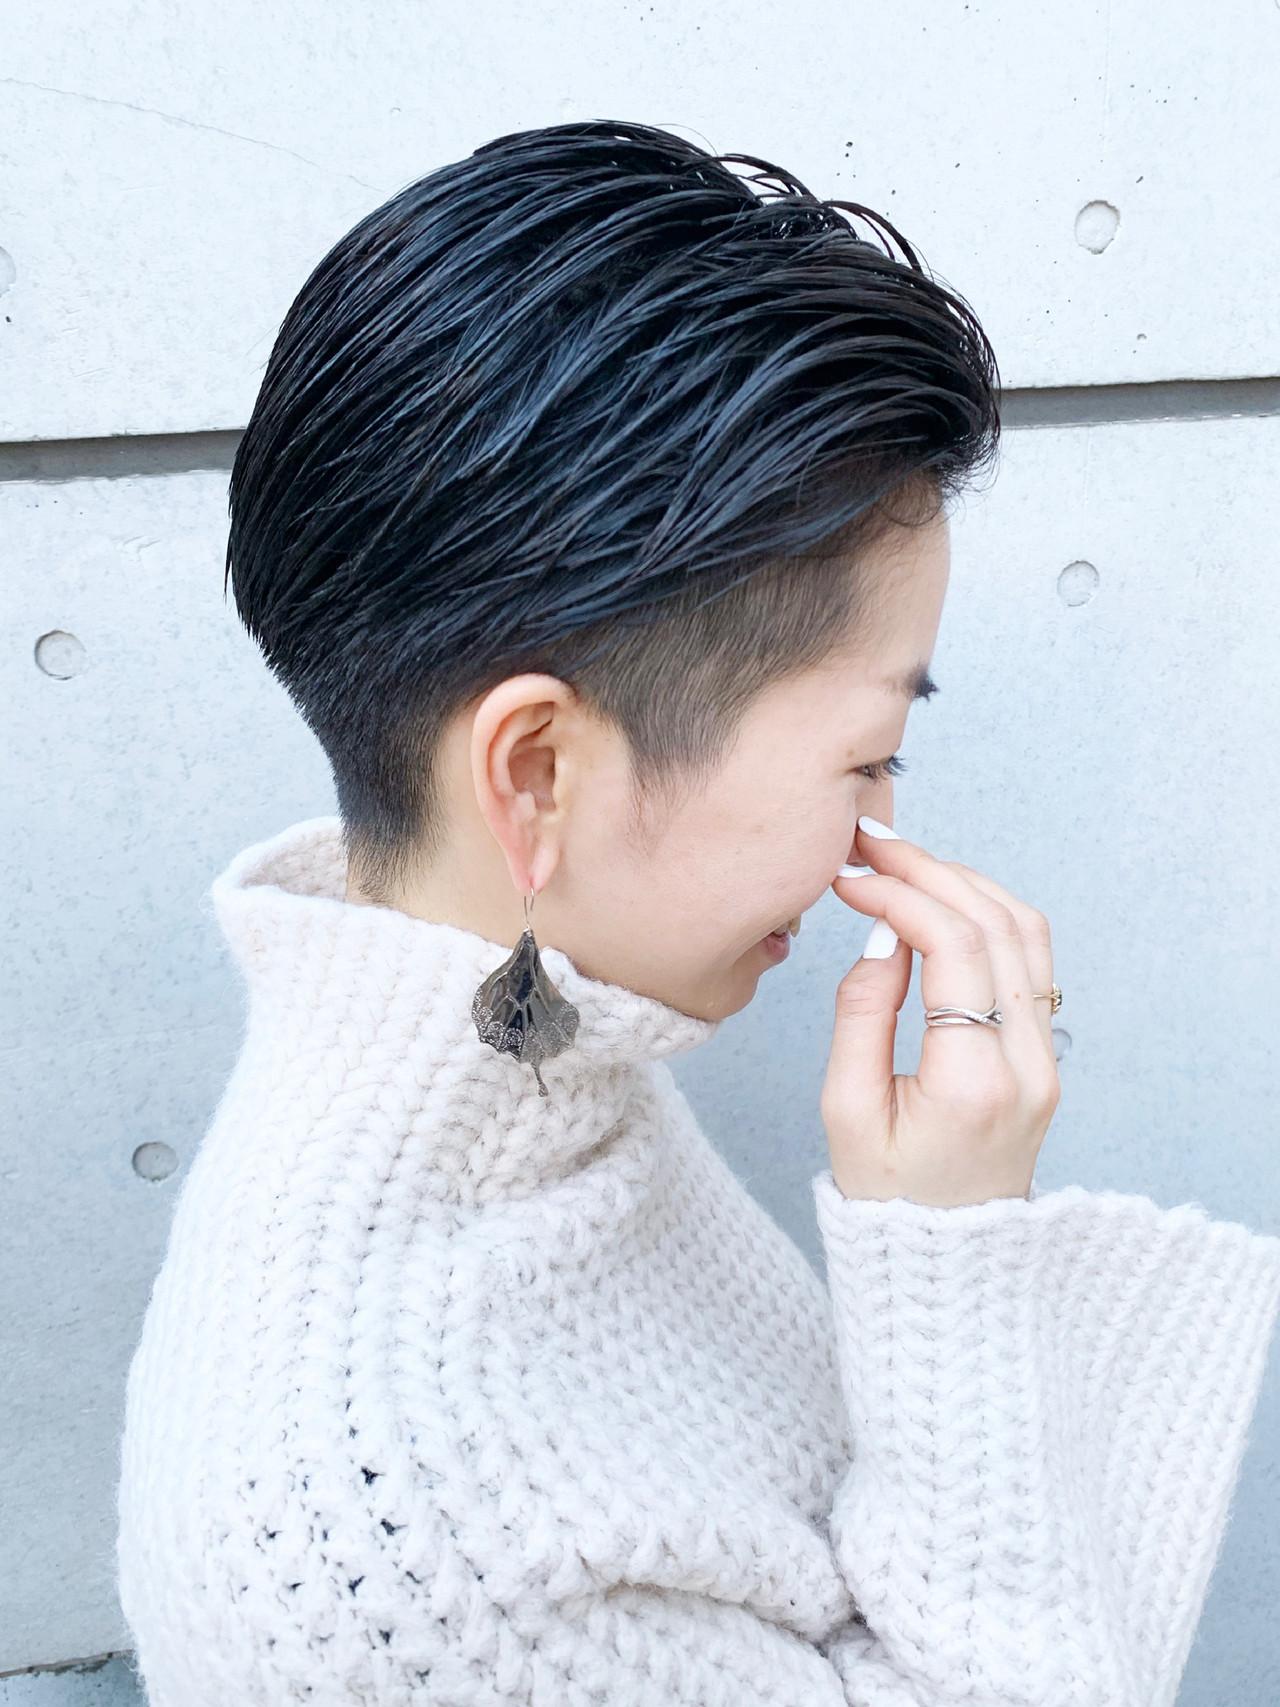 ベリーショート モード ショートヘア ショート ヘアスタイルや髪型の写真・画像